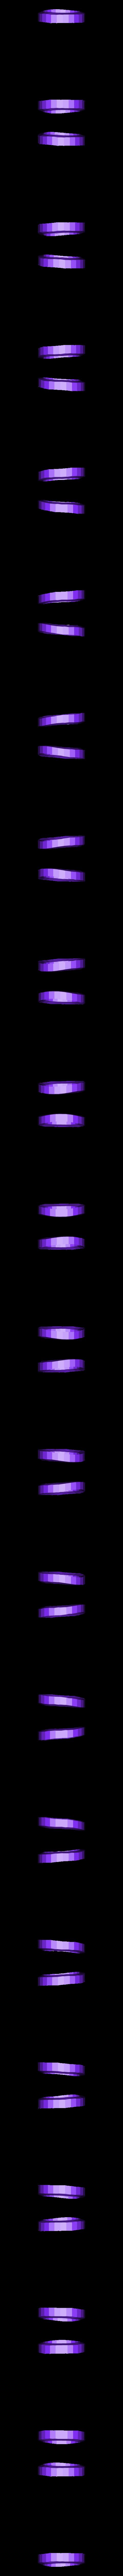 Rocket12f.stl Download free STL file 8 Color Rocket • 3D printing design, ykratter